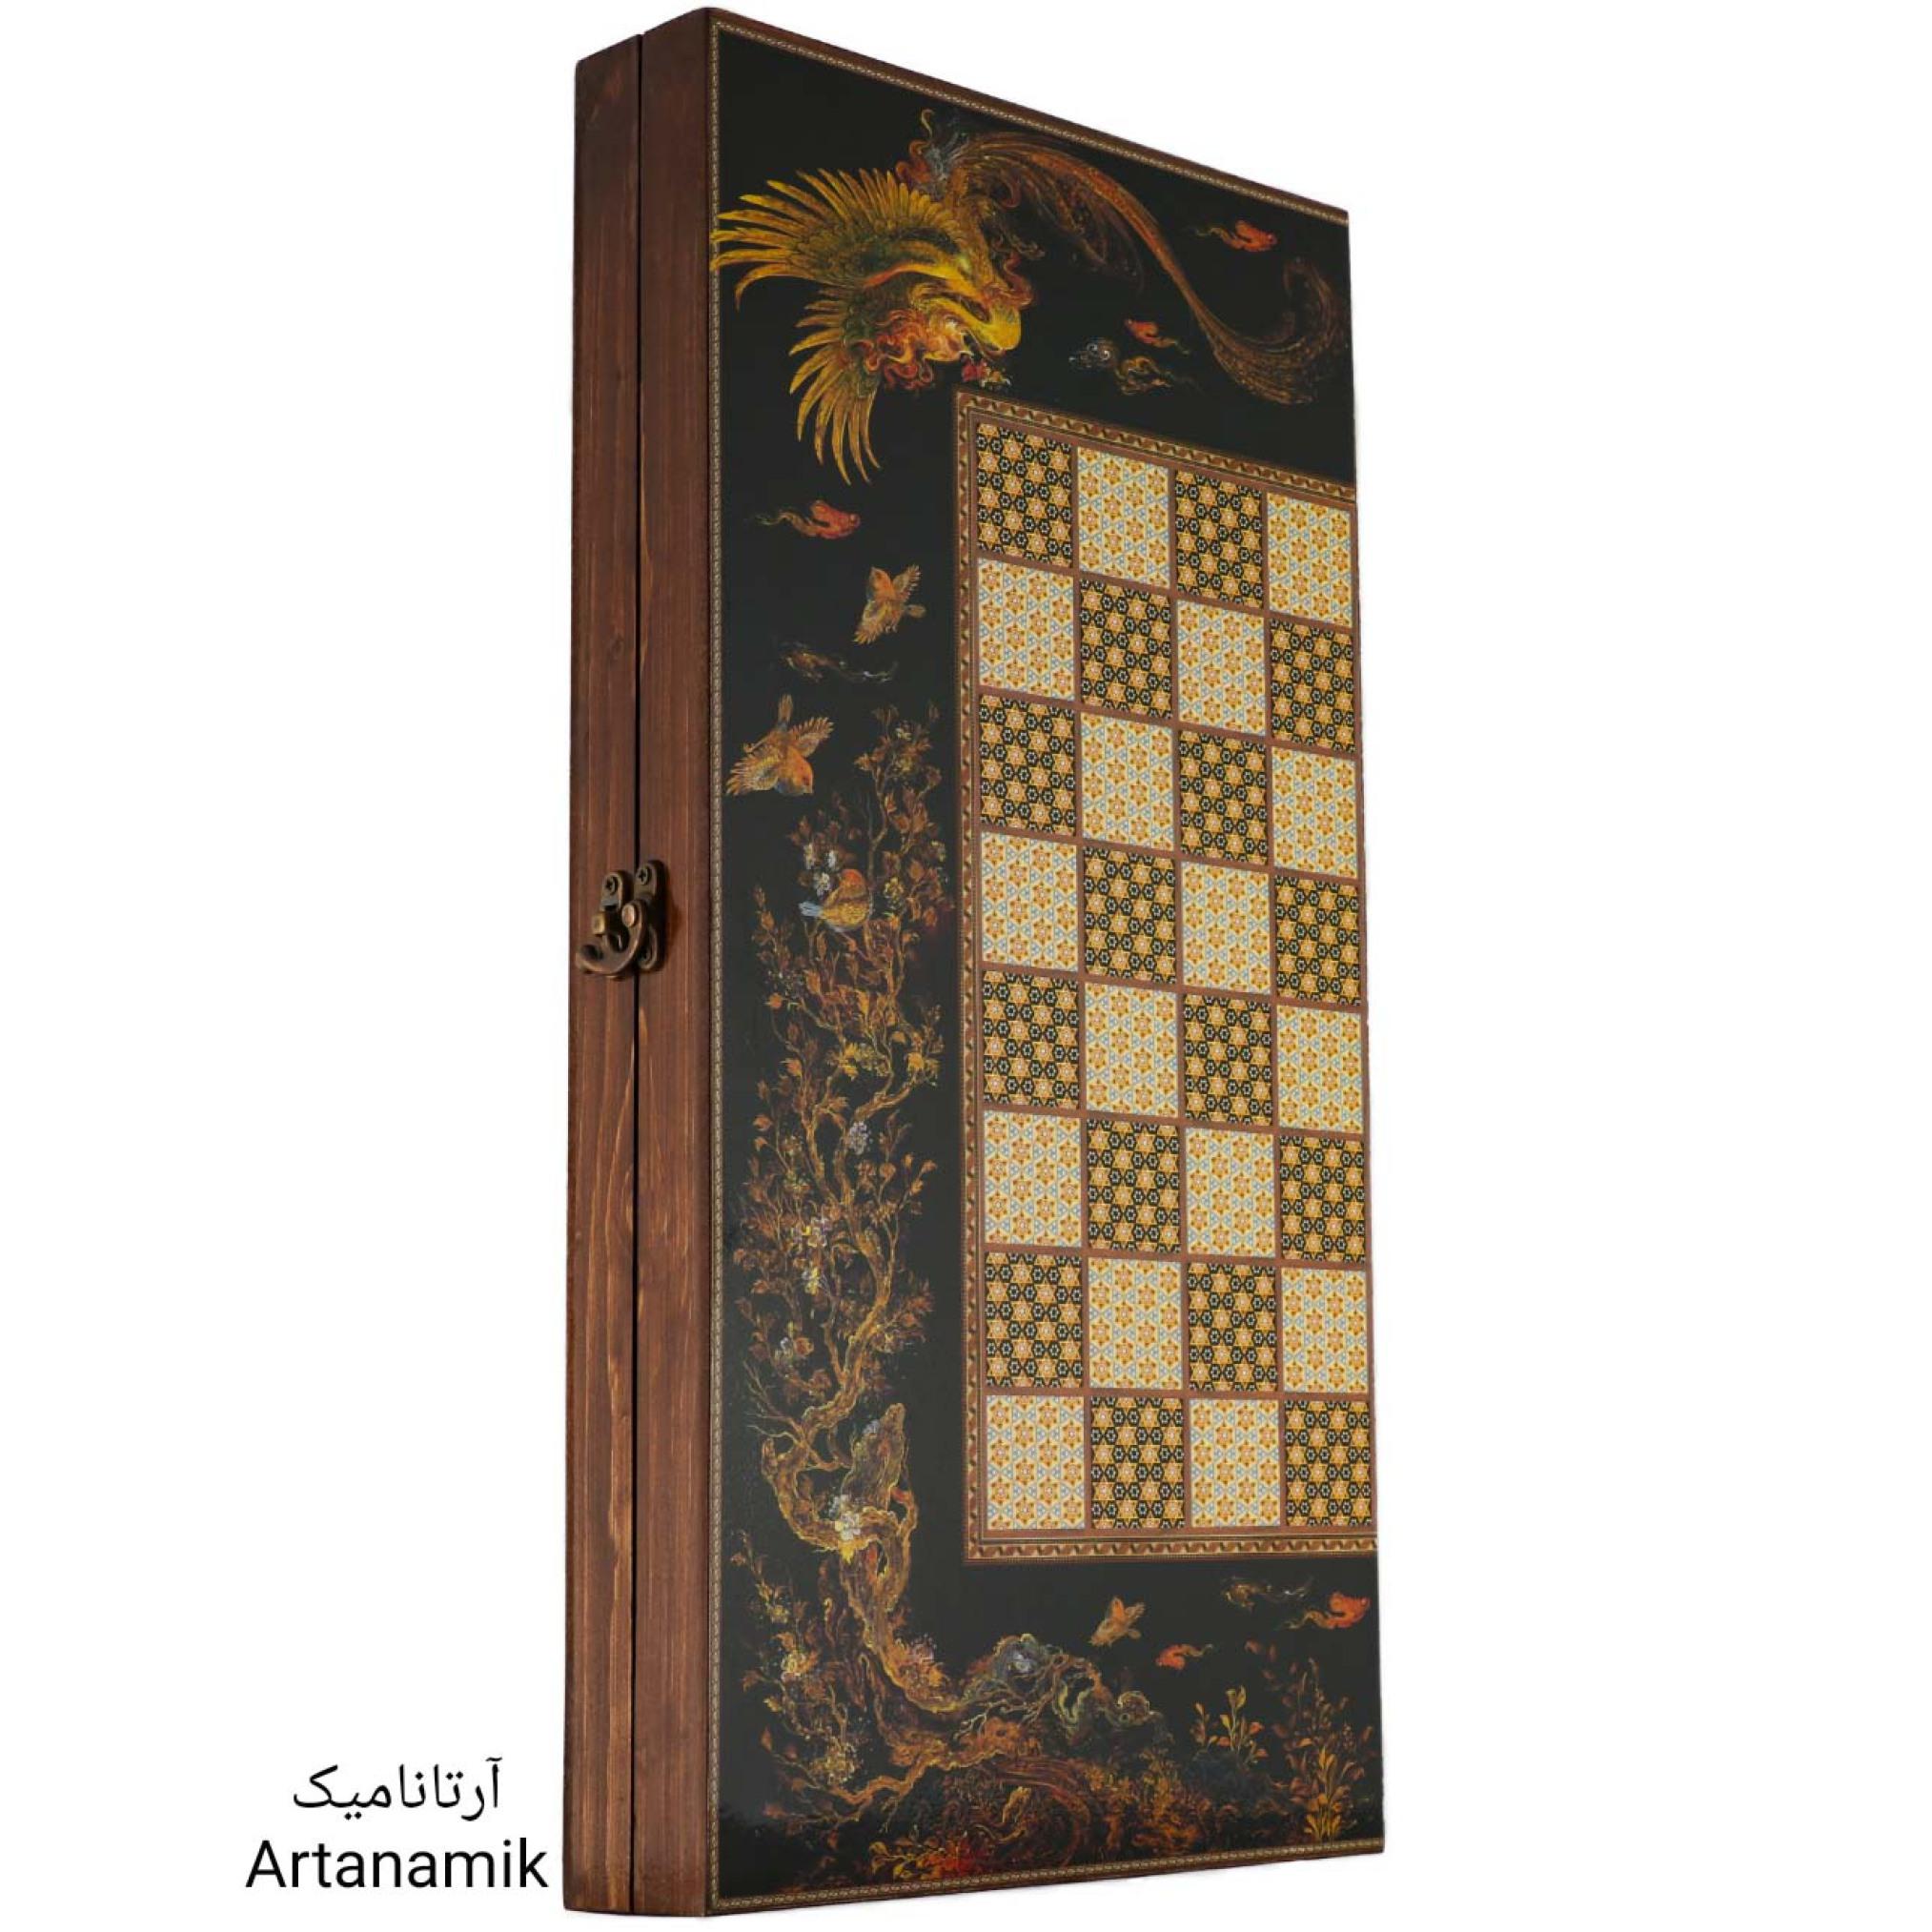 تخته نرد و شطرنج طرح سیمرغ، تخته نرد کادویی و تخته نرد نفیس از جنس چوب روس